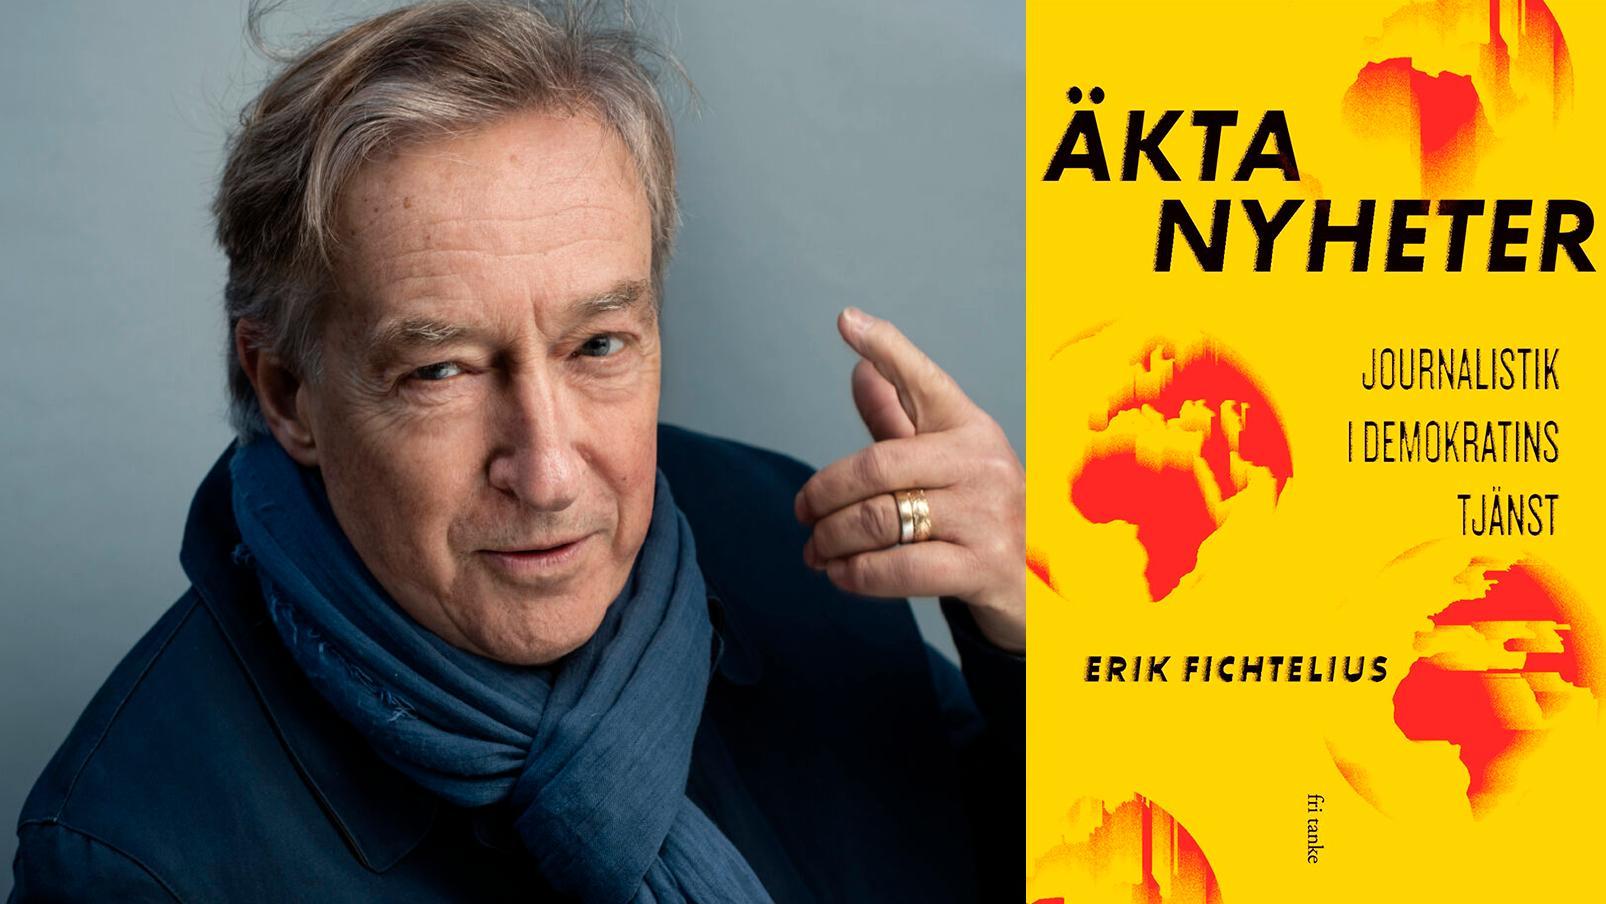 """Erik Fichtelius utkommer med """"Äkta nyheter"""", en blandning av memoar och diskussion om journalistikens ideal och praxis."""